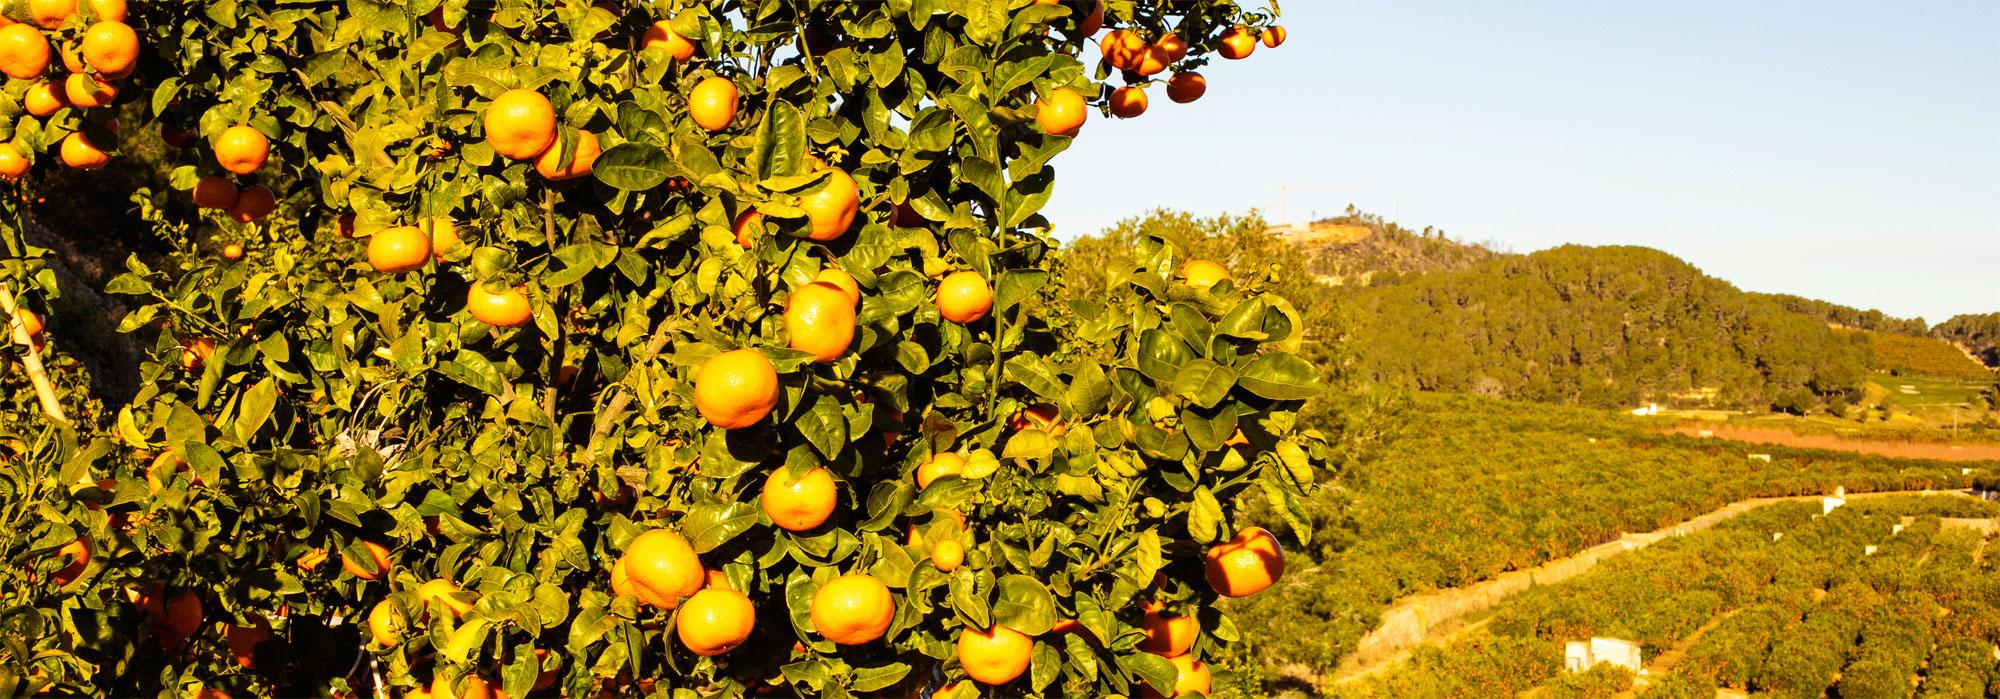 comprar-citricos-desde-la-huerta